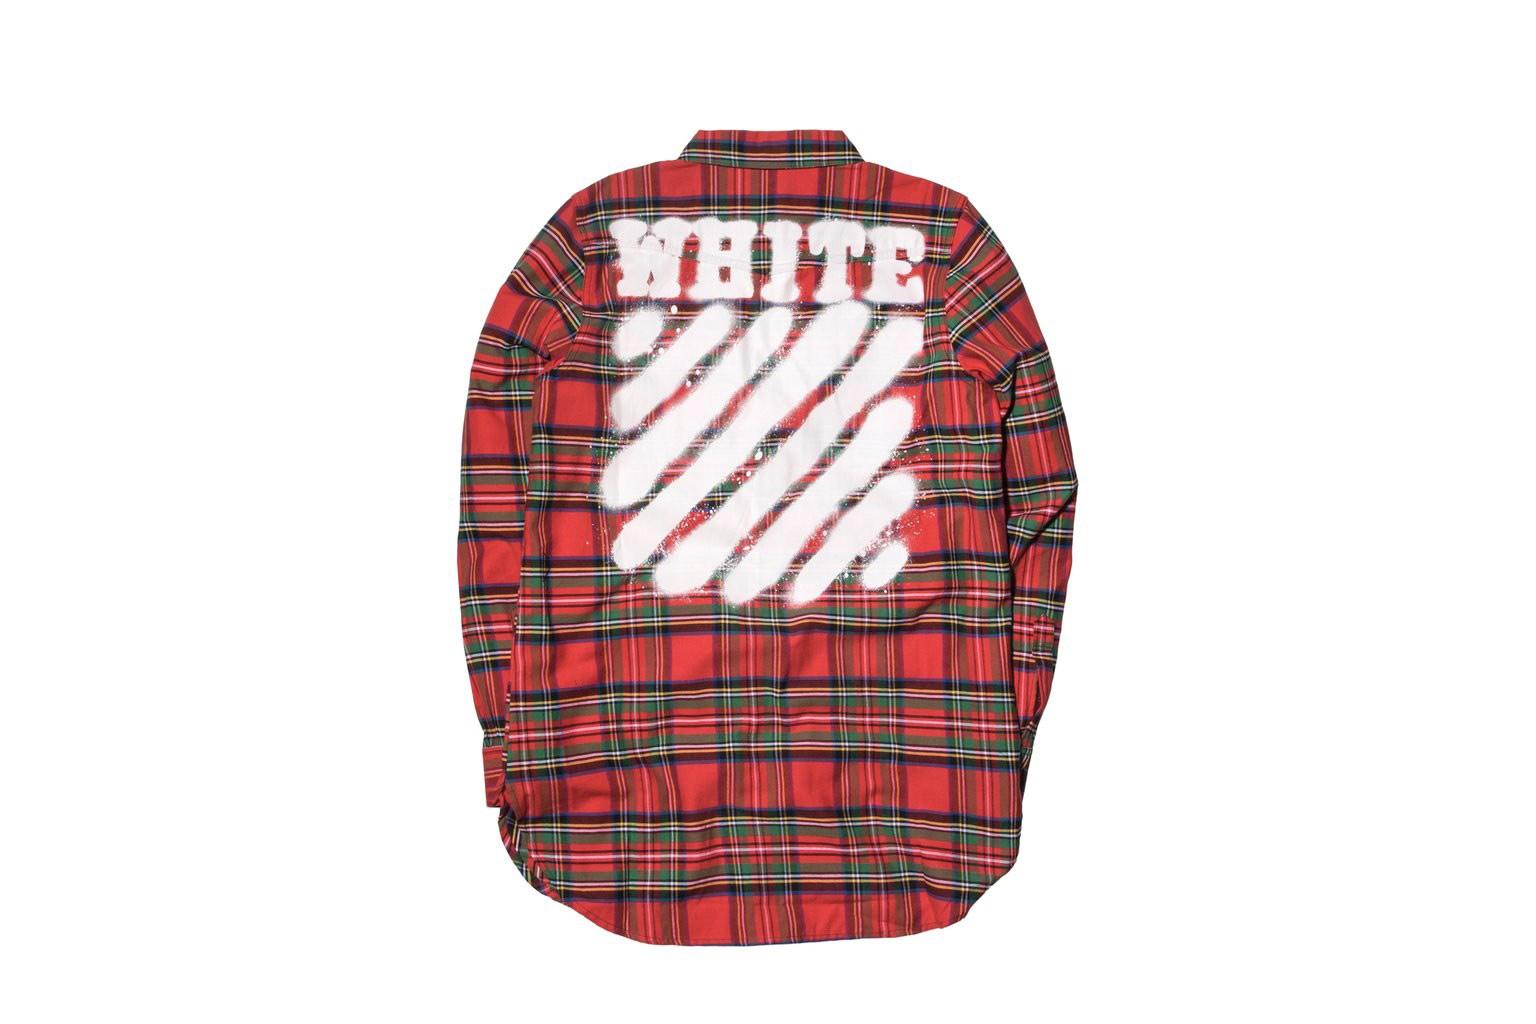 kith-off-white-2017-spring-third-drop-8